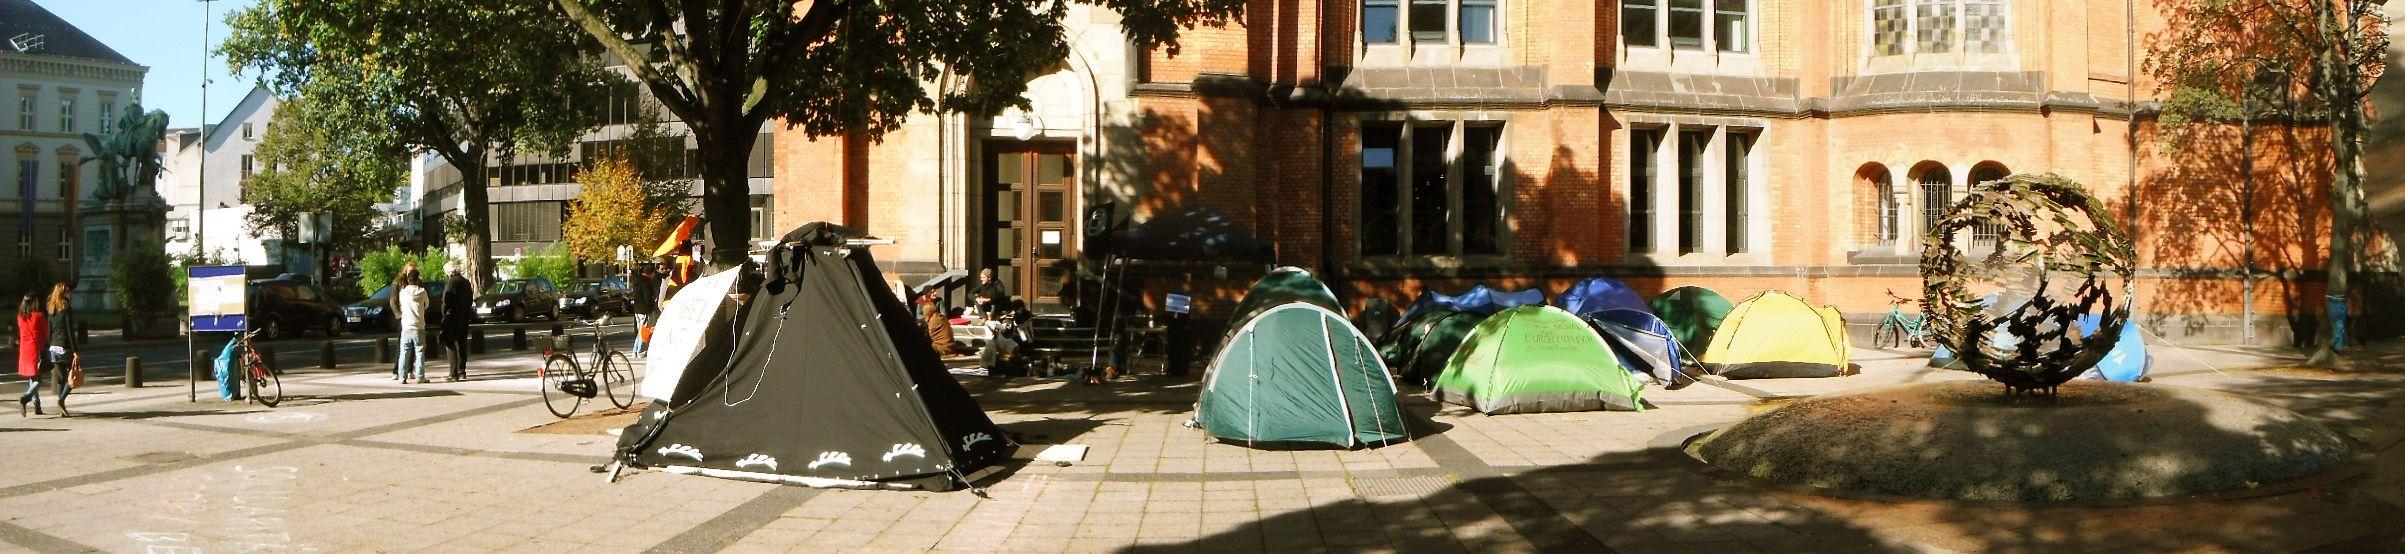 #occupy duesseldorf camp